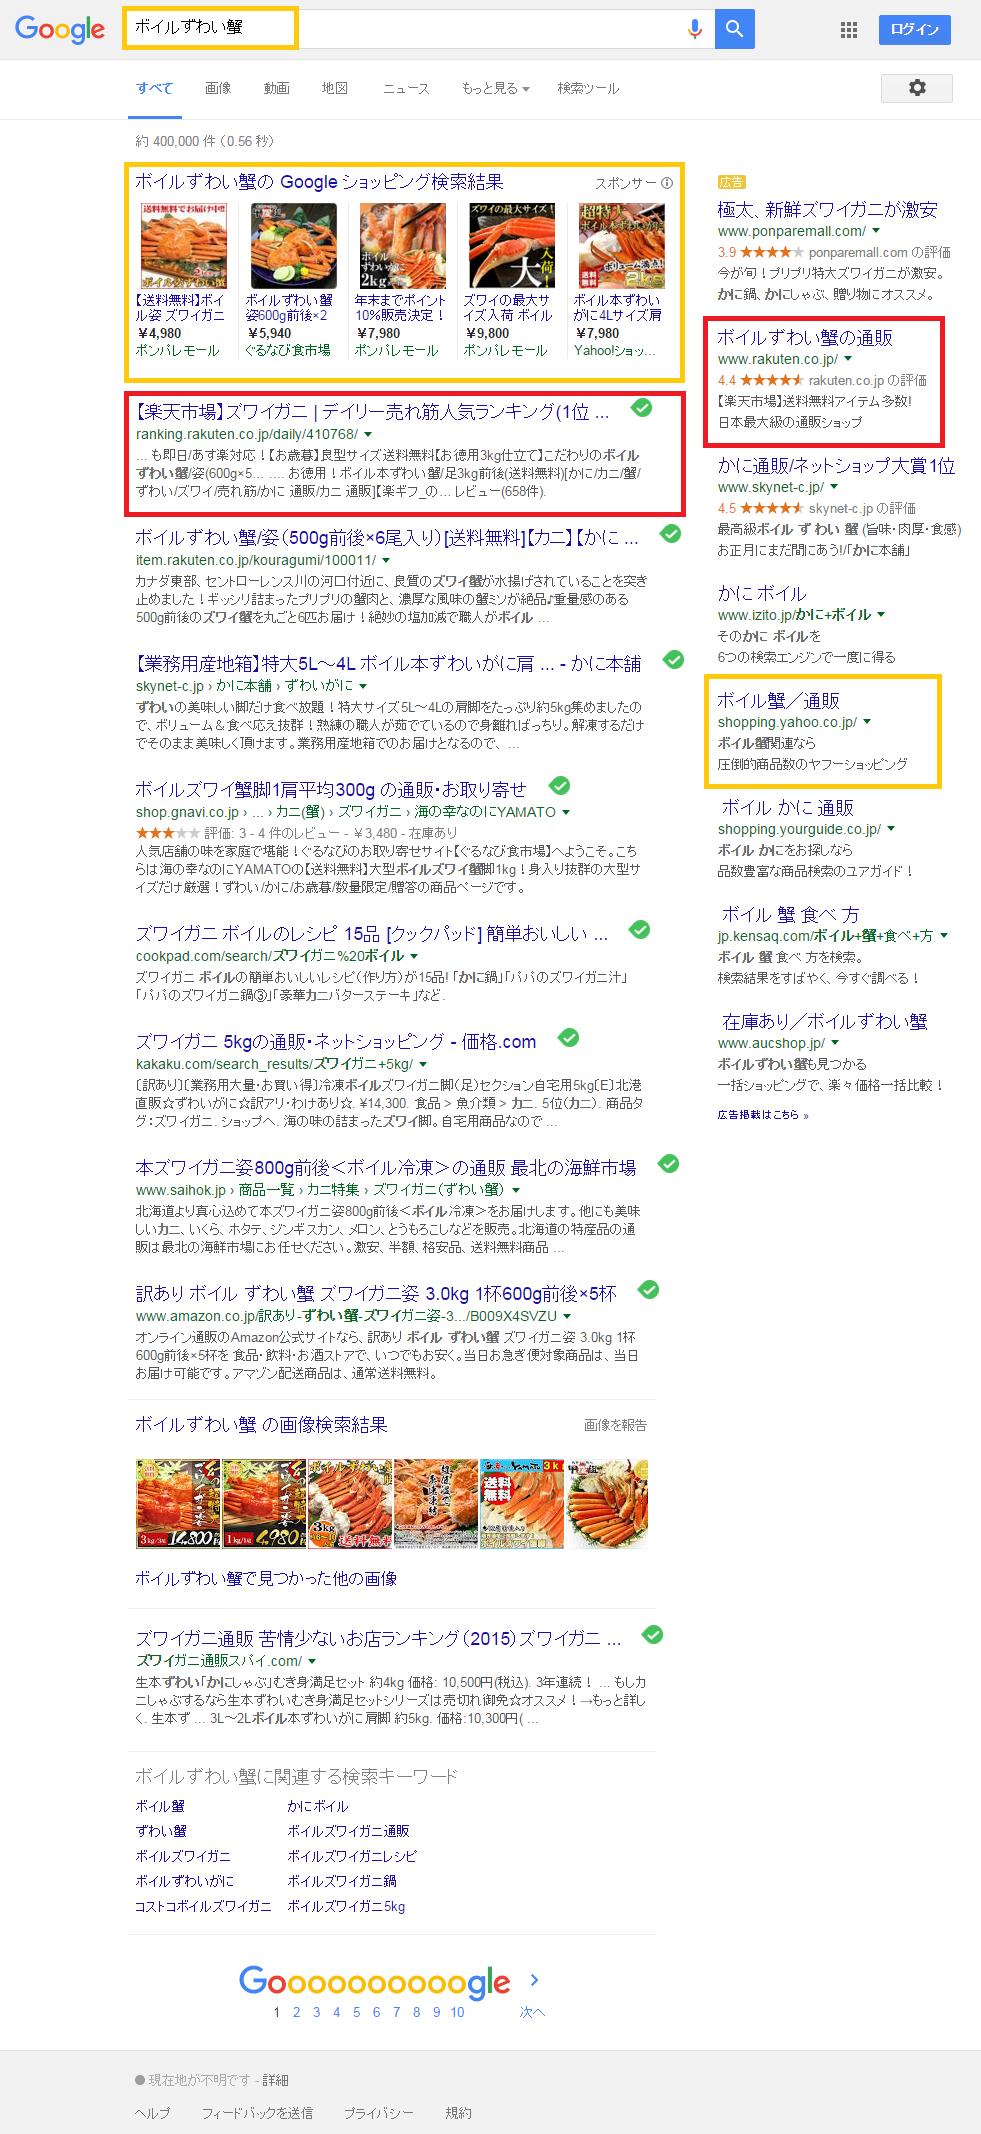 ボイルずわい蟹   Google 検索.png